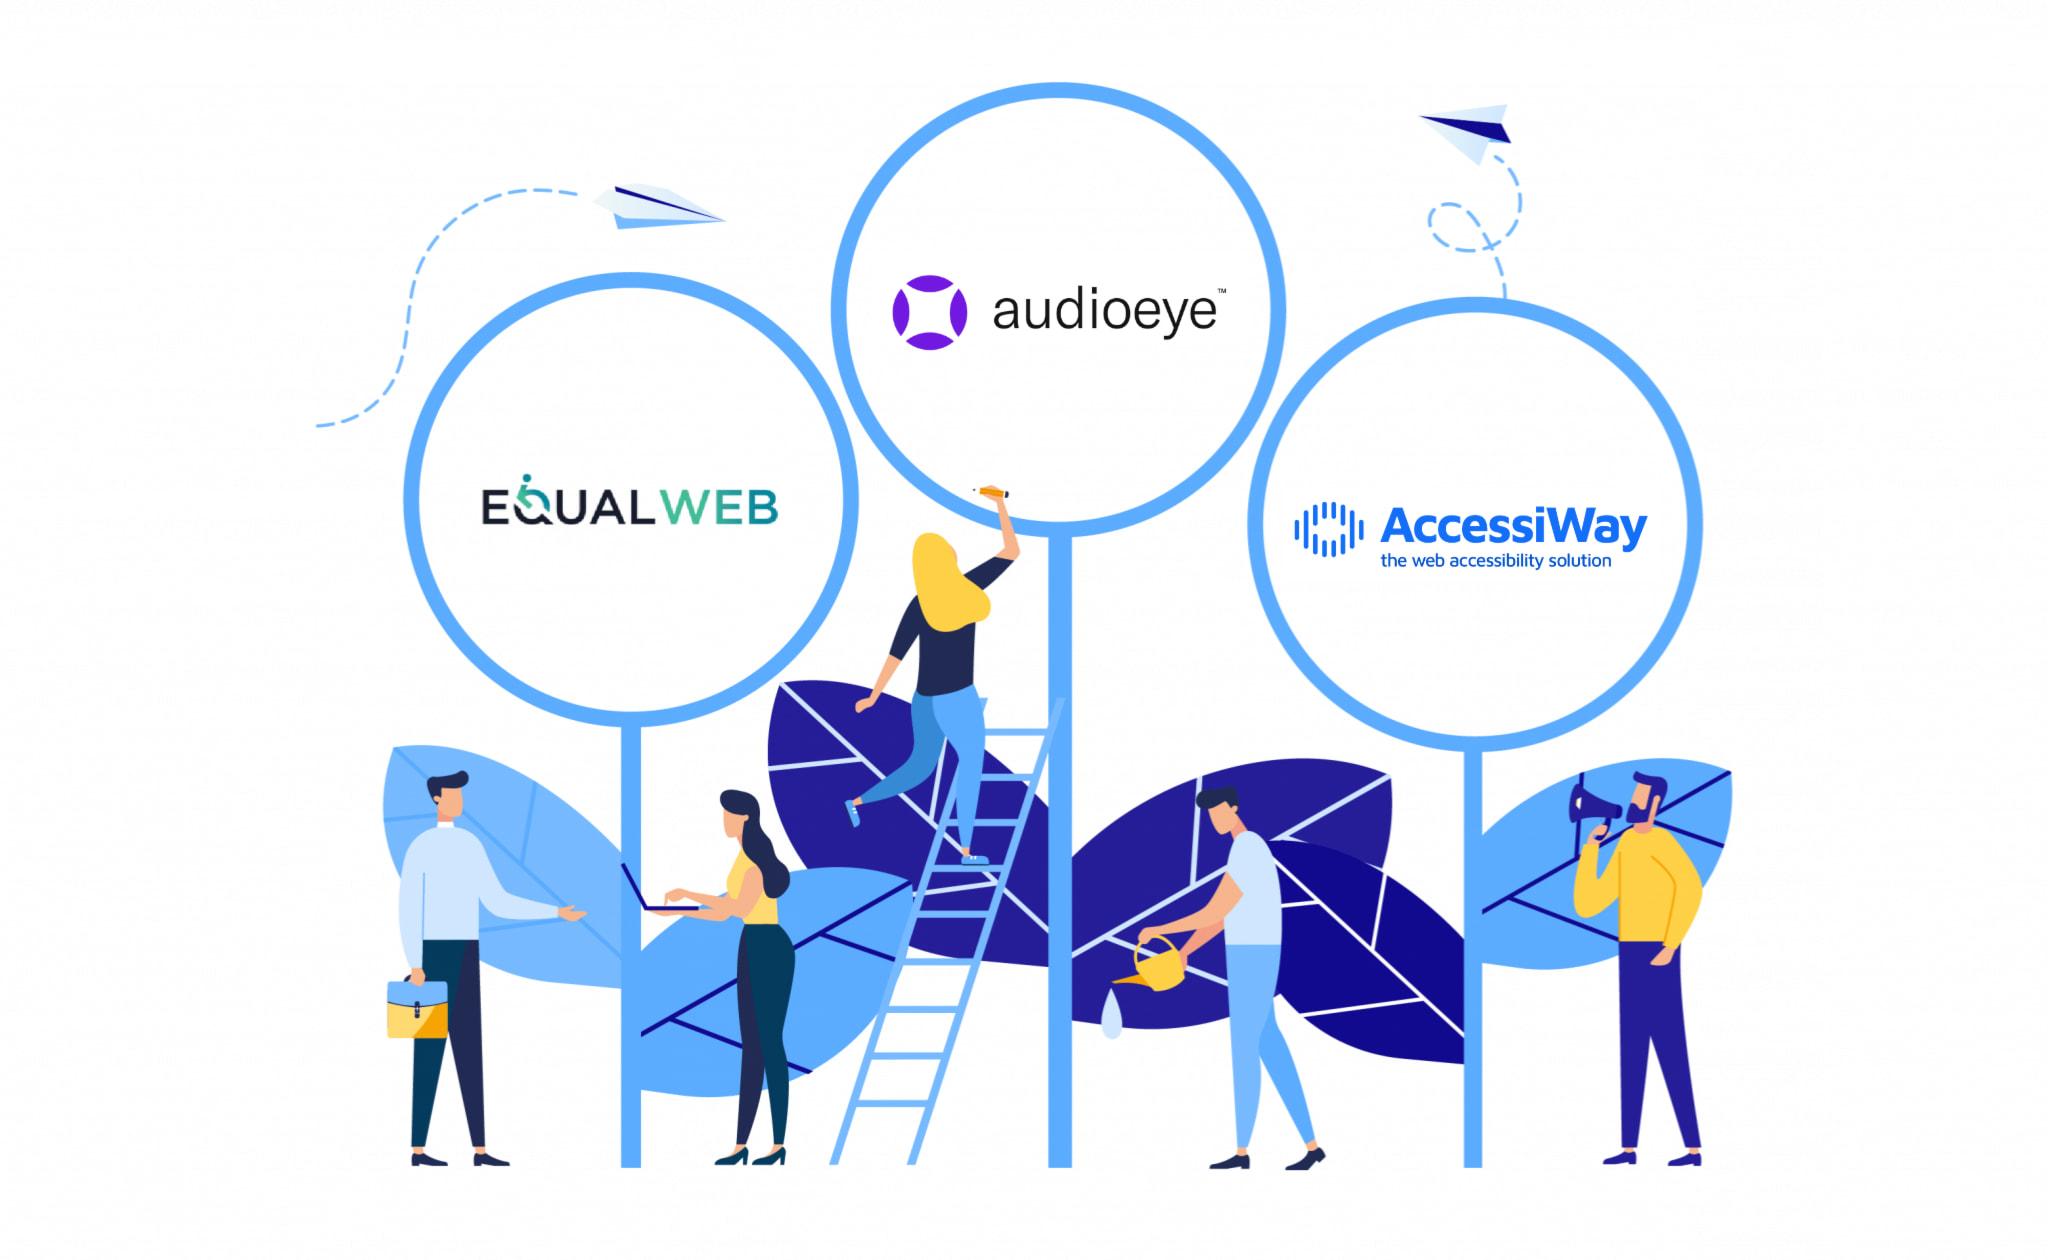 EqualWeb-Audioeye-AccessiWay